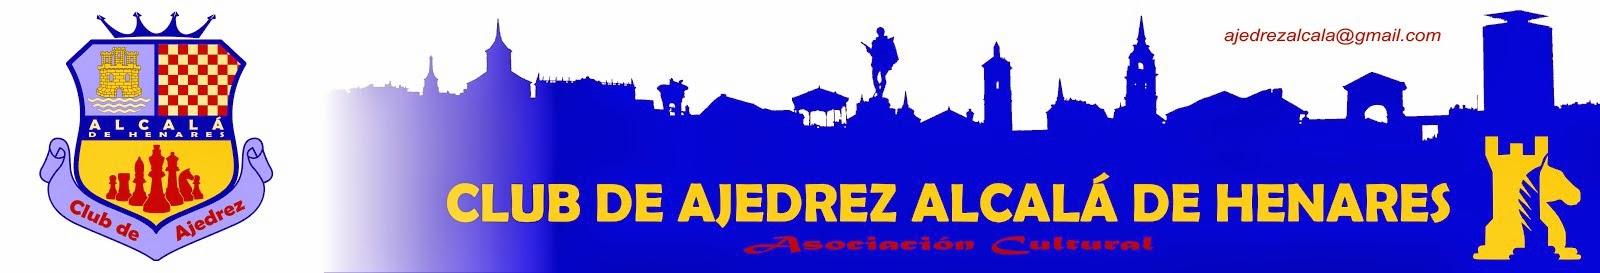 www.ajedrezalcala.es